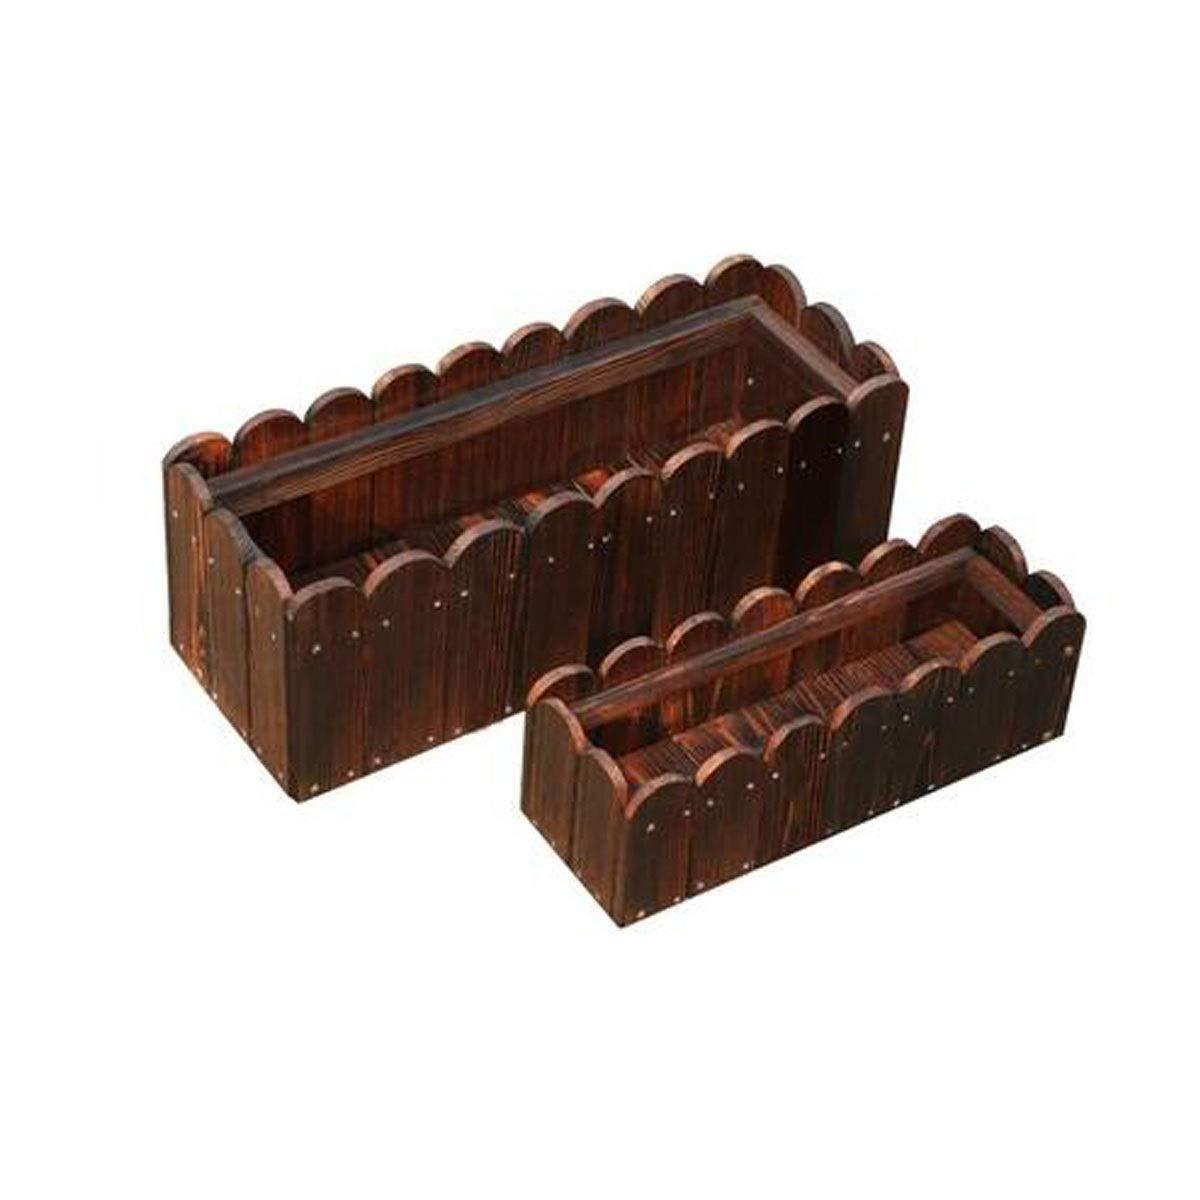 植木鉢、木製長方形窓枠木製紳士バルコニー植木鉢屋外植栽ボックス炭化固体植木鉢木製花トラフ(1パック) (Color : Brown, Size : 80*40*30cm) B07RW7X2JW Brown 80*40*30cm